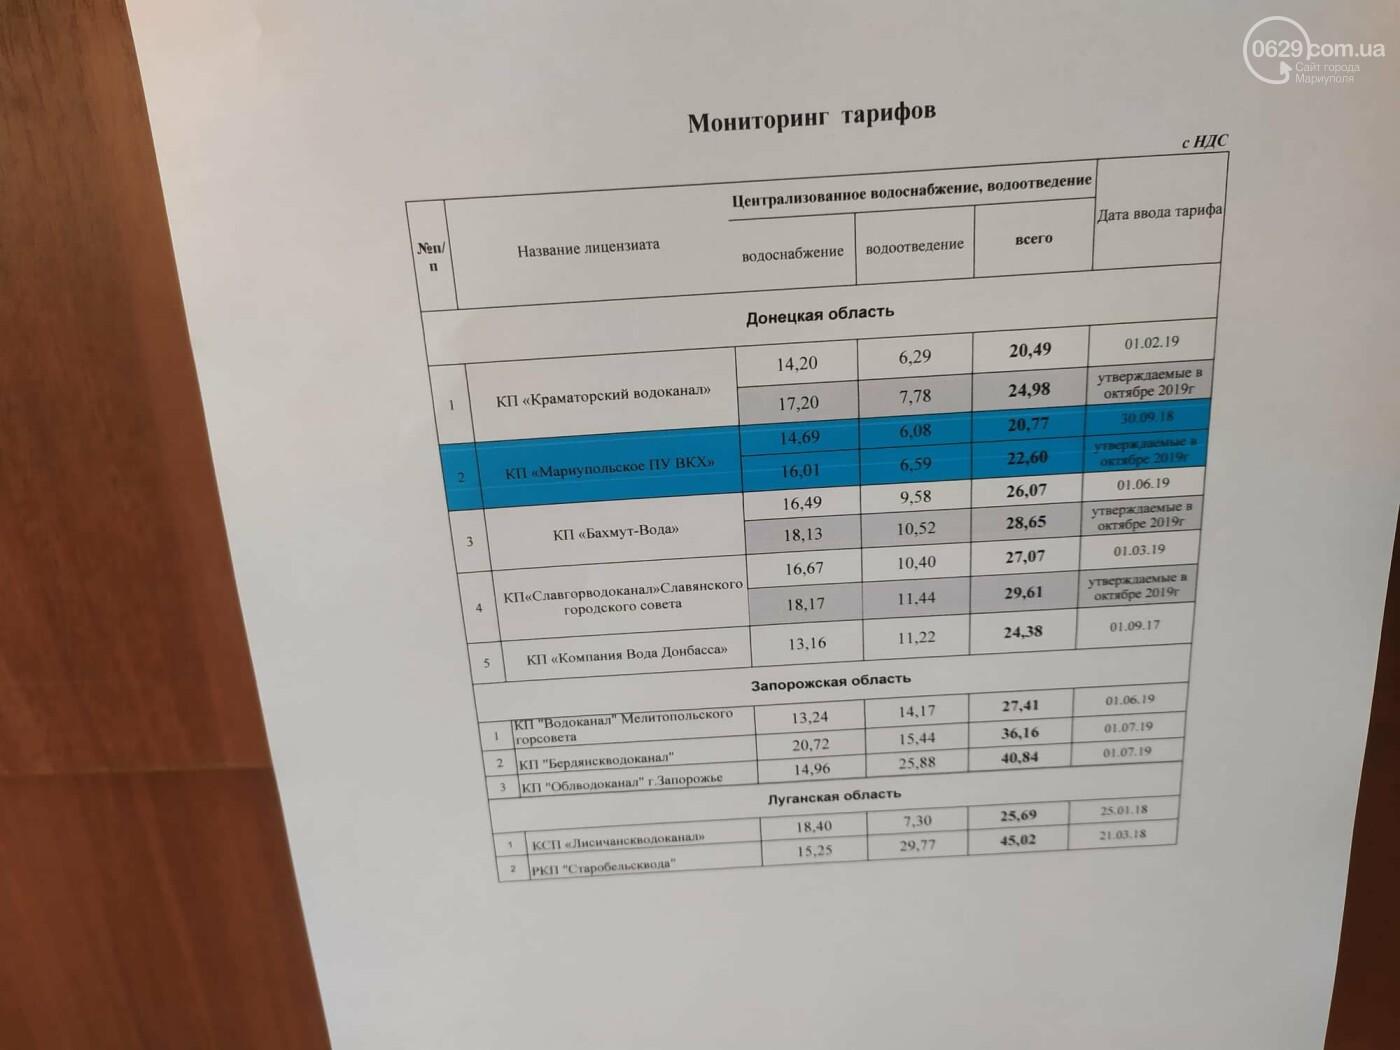 В Мариуполе хотят повысить тарифы на воду, фото-1